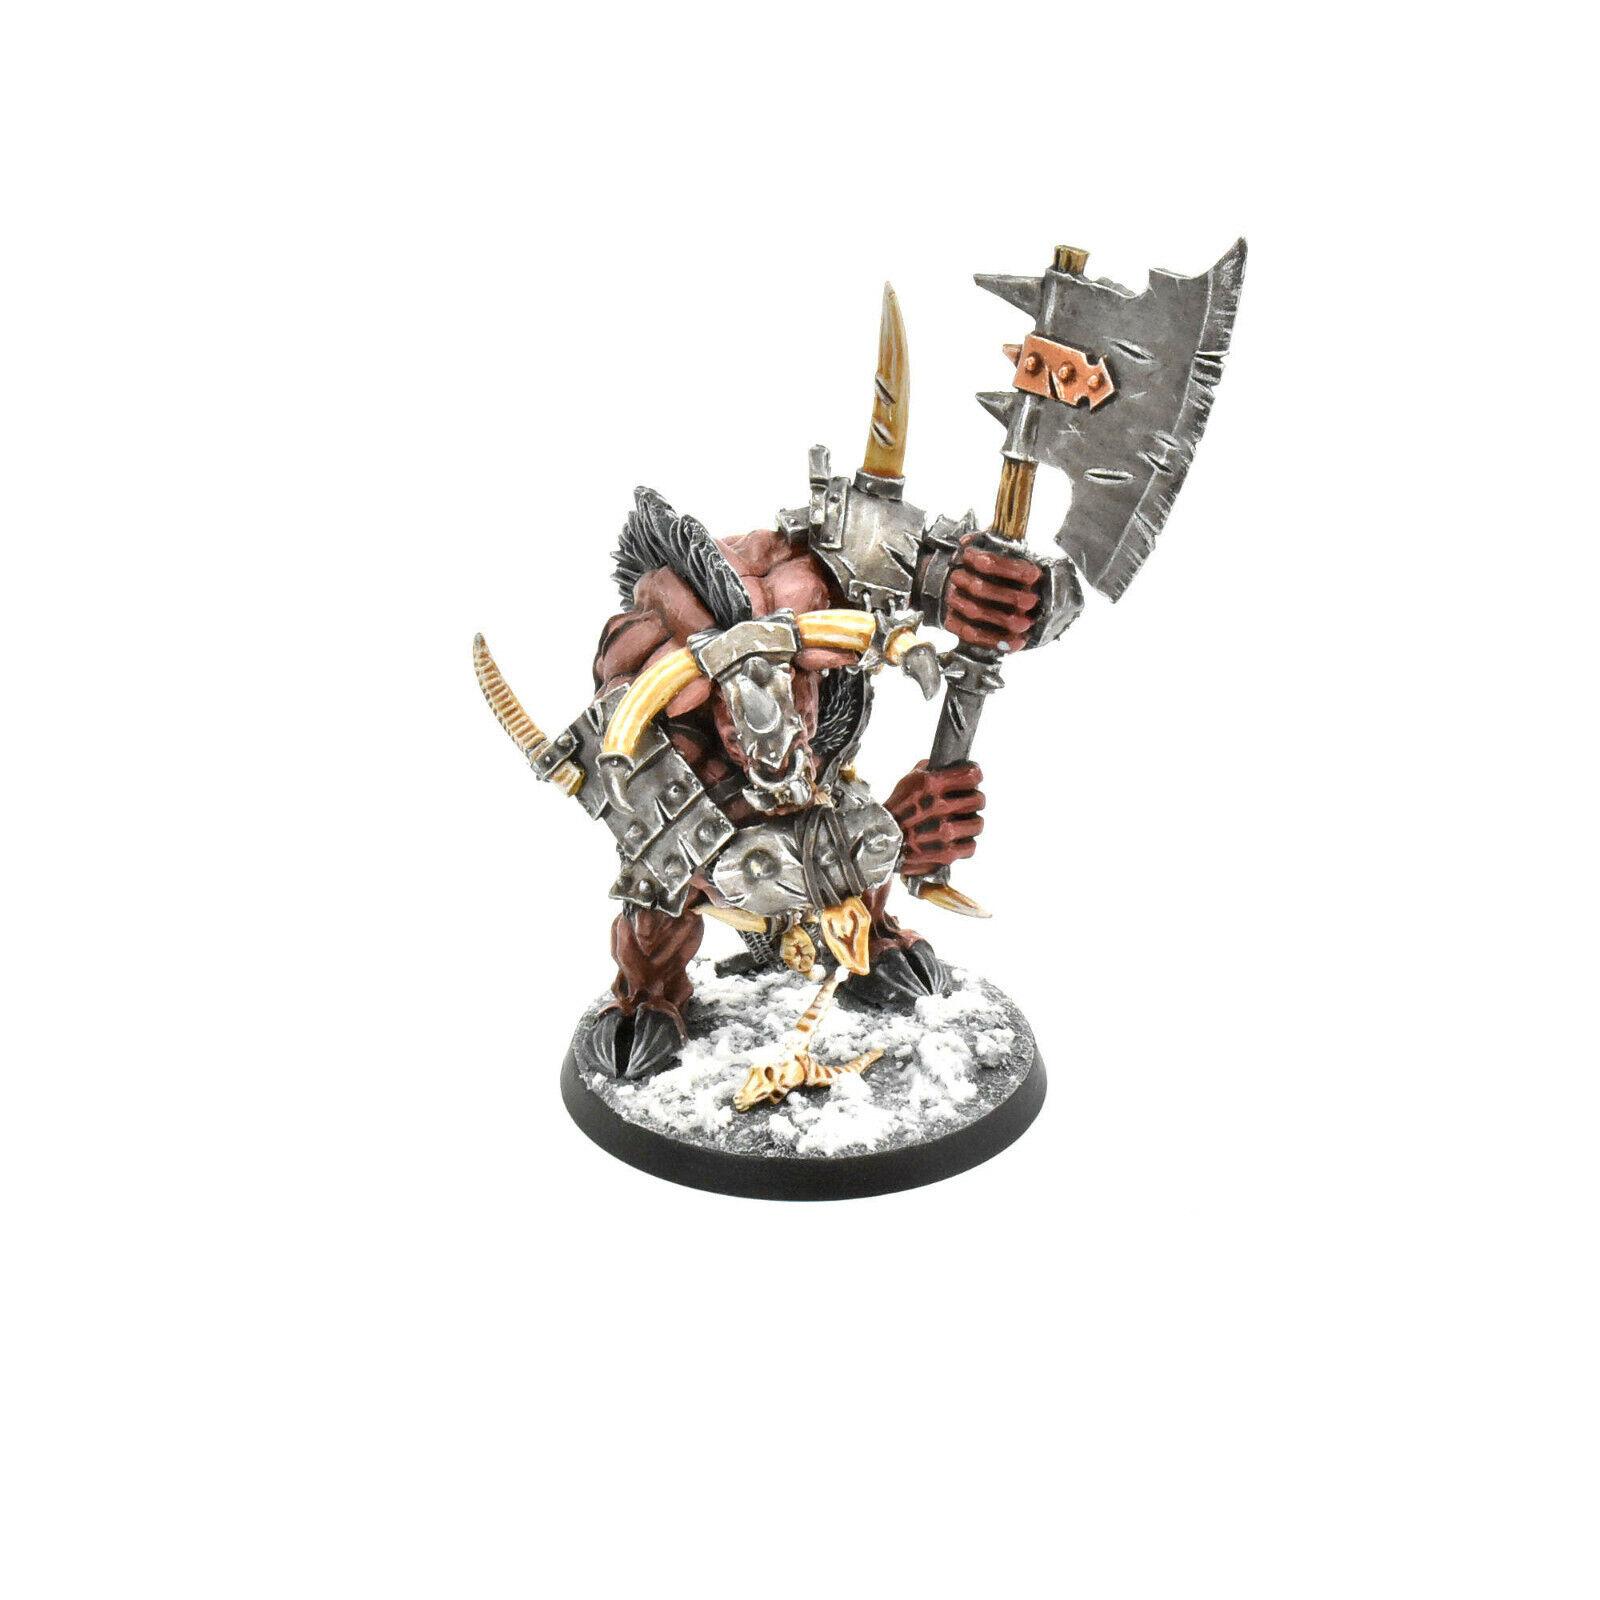 Bestias del caos Doombull Pro Pintado Finecast Warhammer Beastmen Sigmar